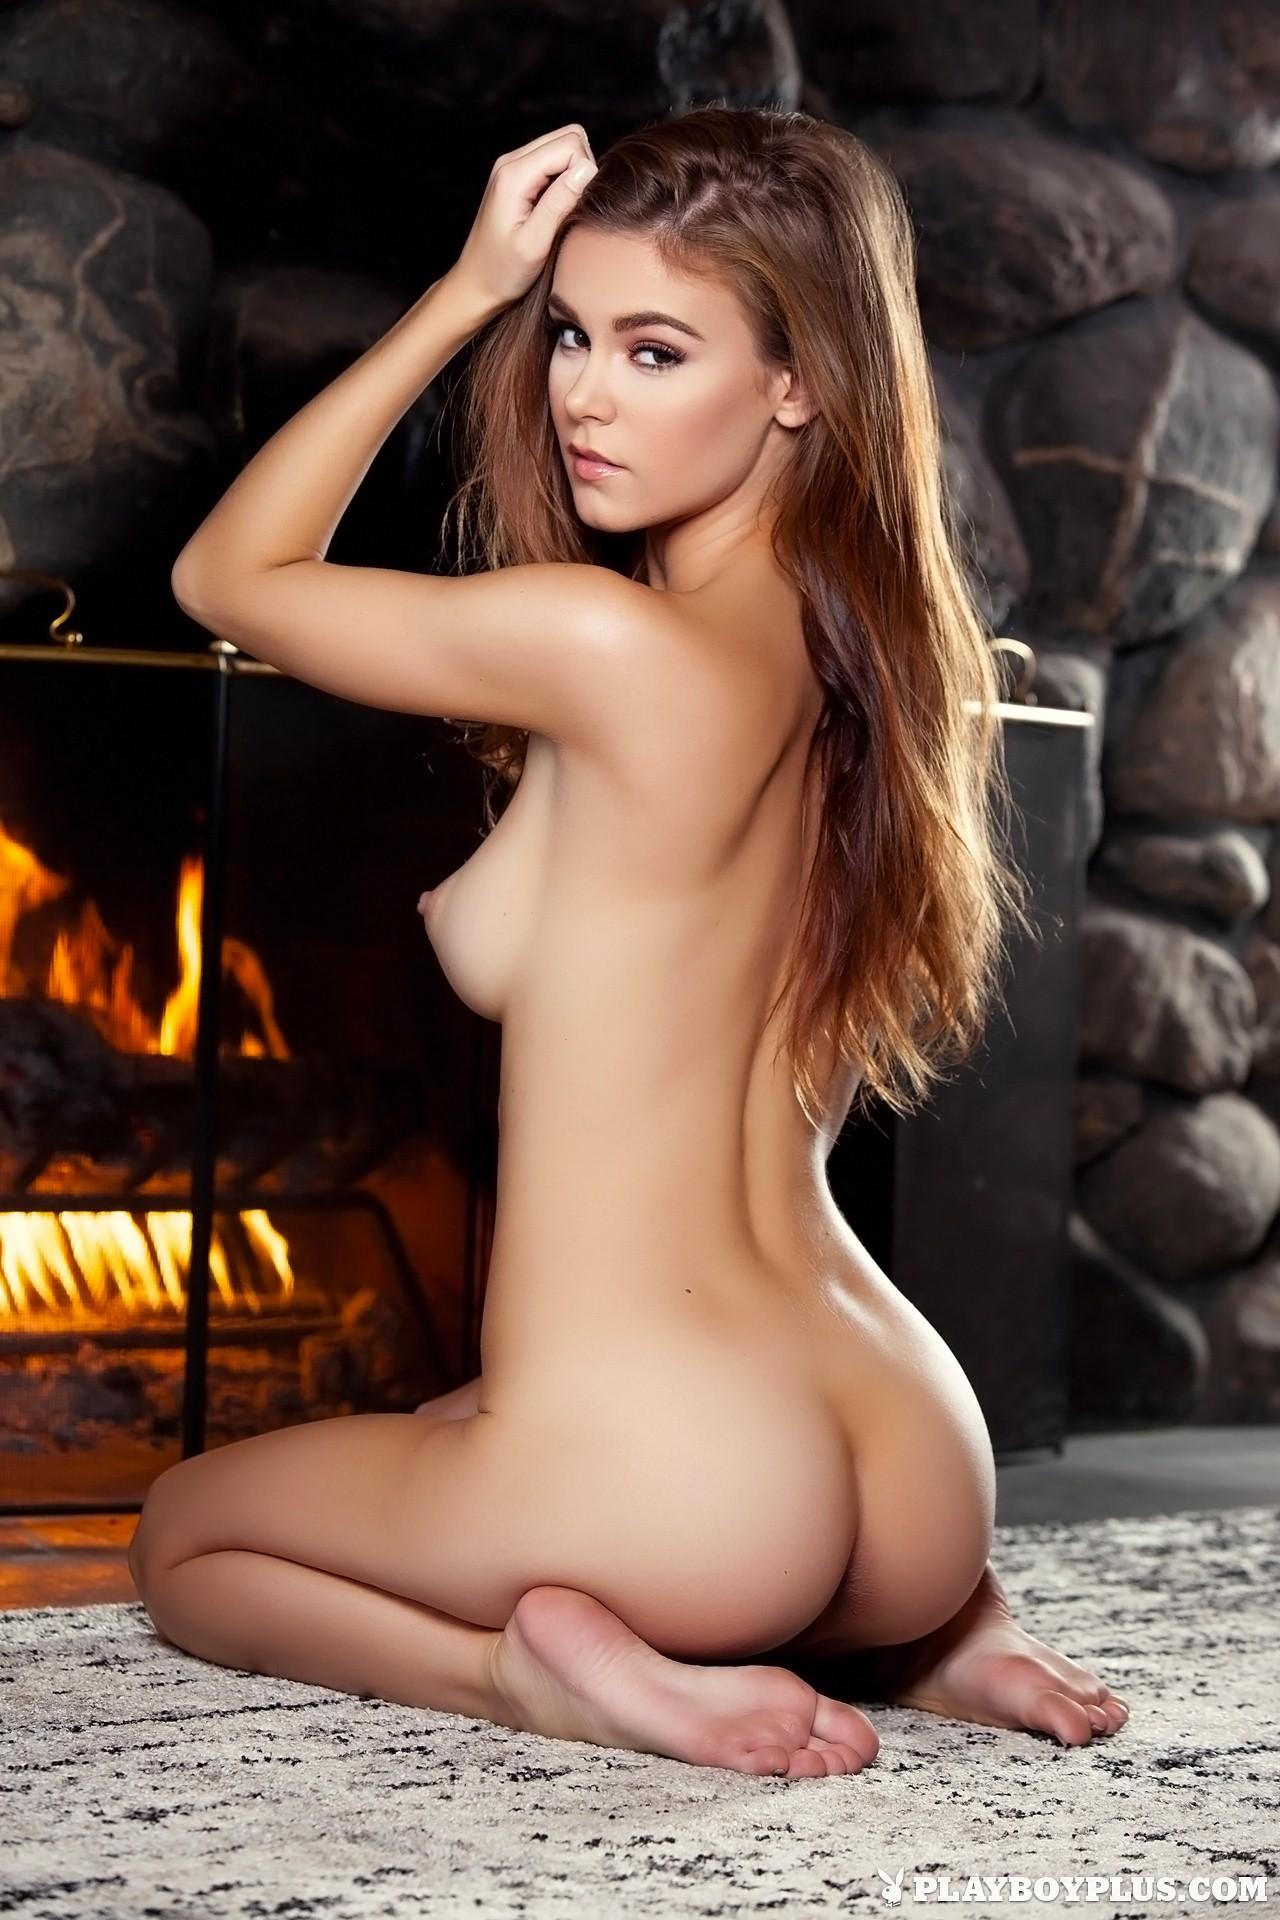 Amberleigh west nackt playboy nude playboy